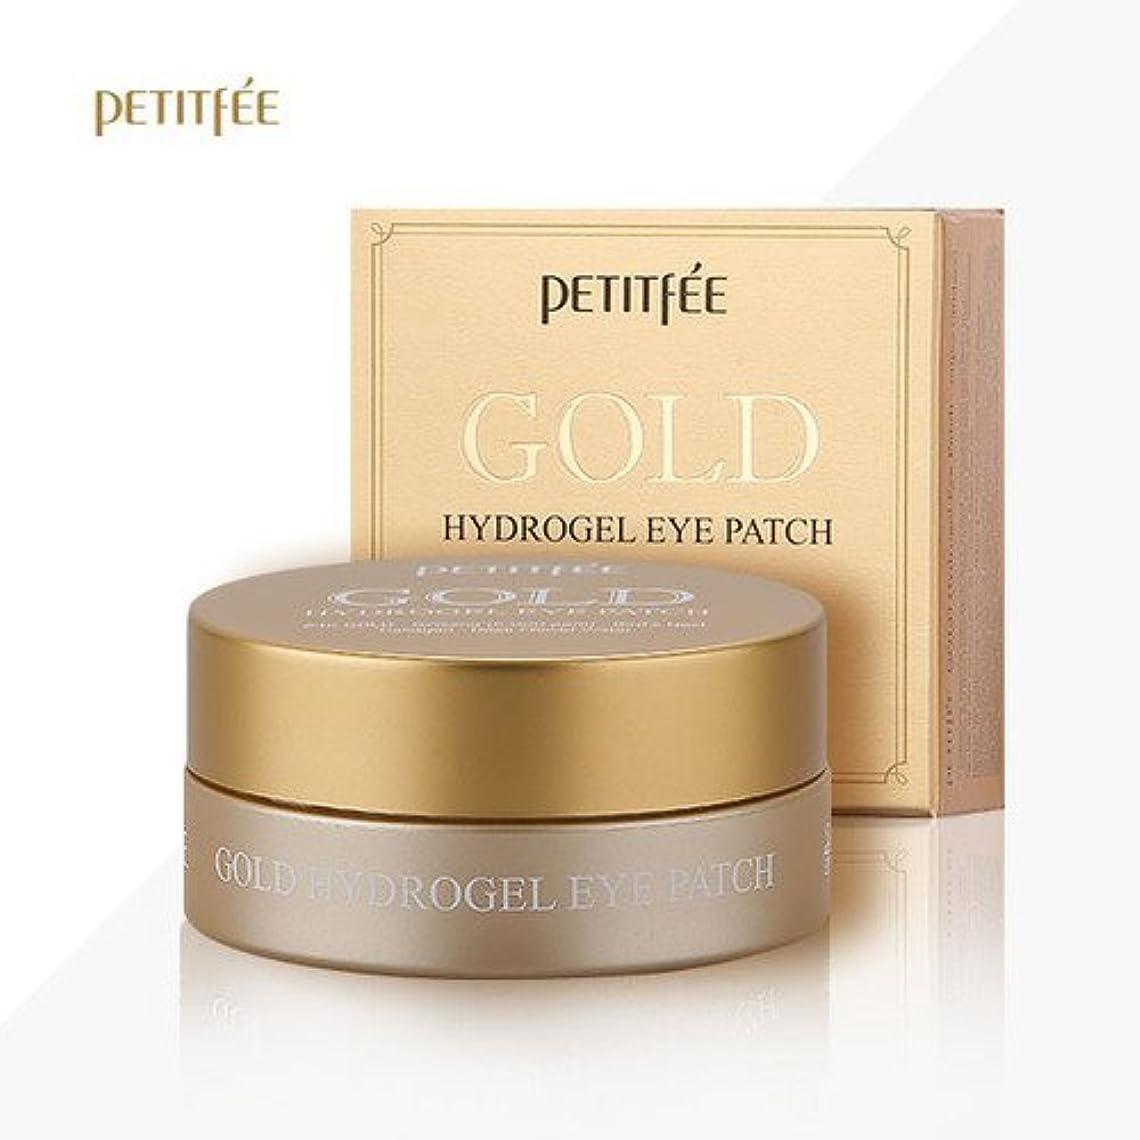 公平な恨み報復するPETITFEE(プチペ)ゴールドハイドロゲルアイパチ(60枚)/ Petitfee Gold Hydrogel Eye Patch (60Sheets) [並行輸入品]